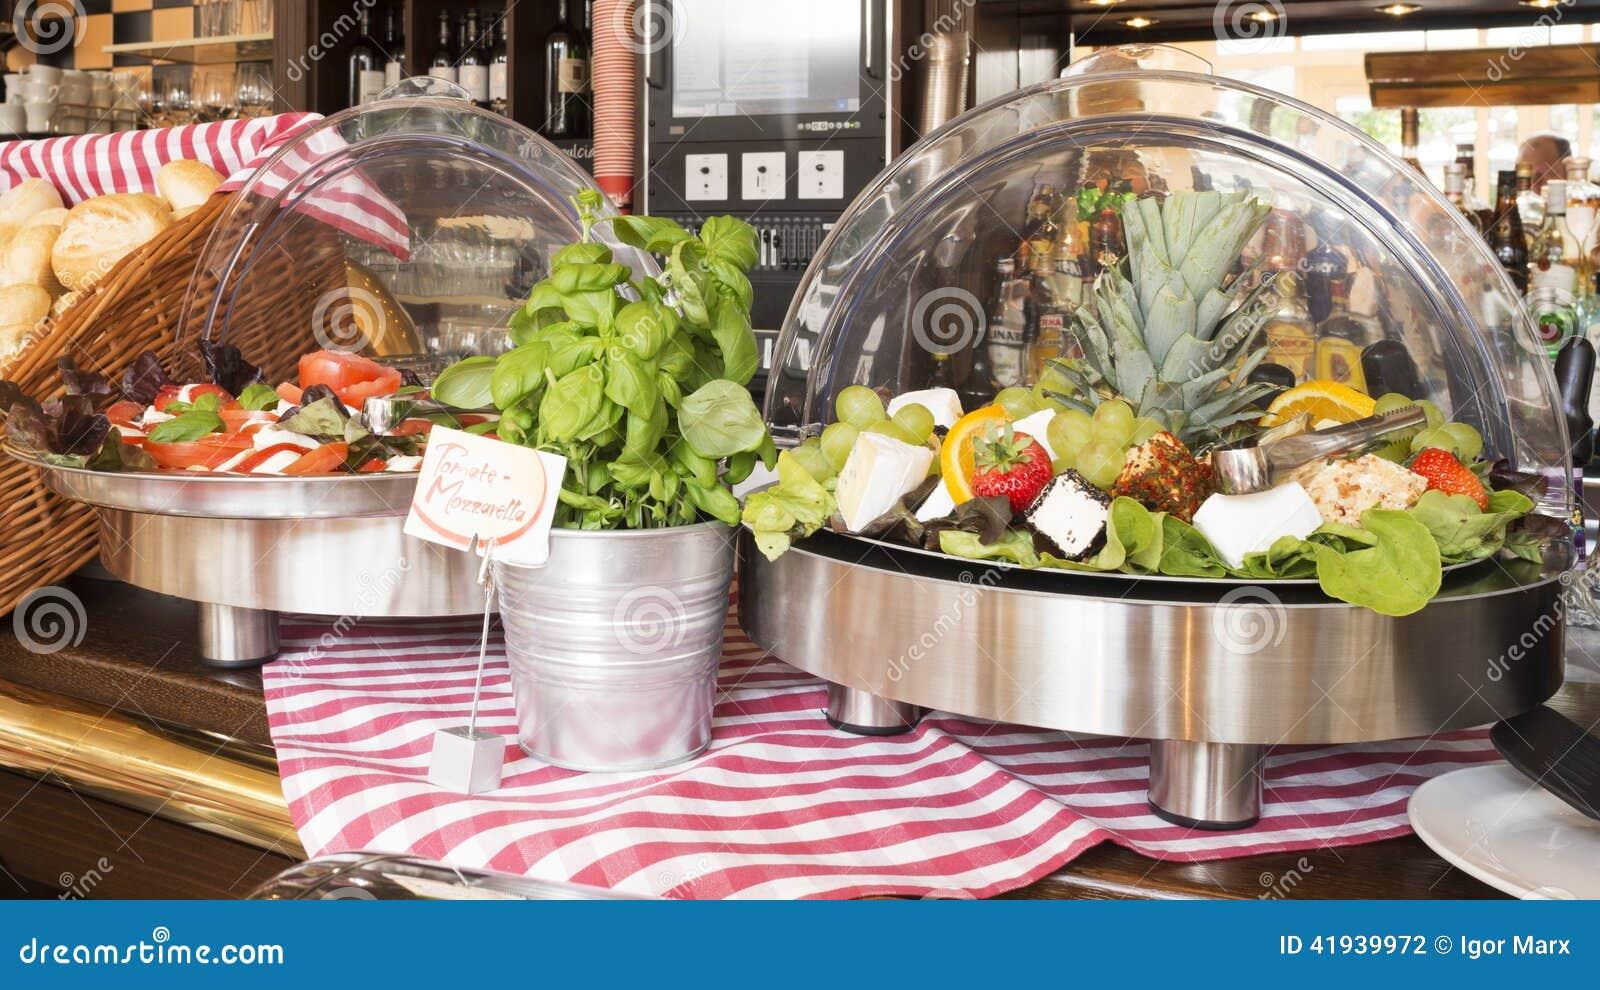 Fruit, Vegetable & Lean Meat Diet